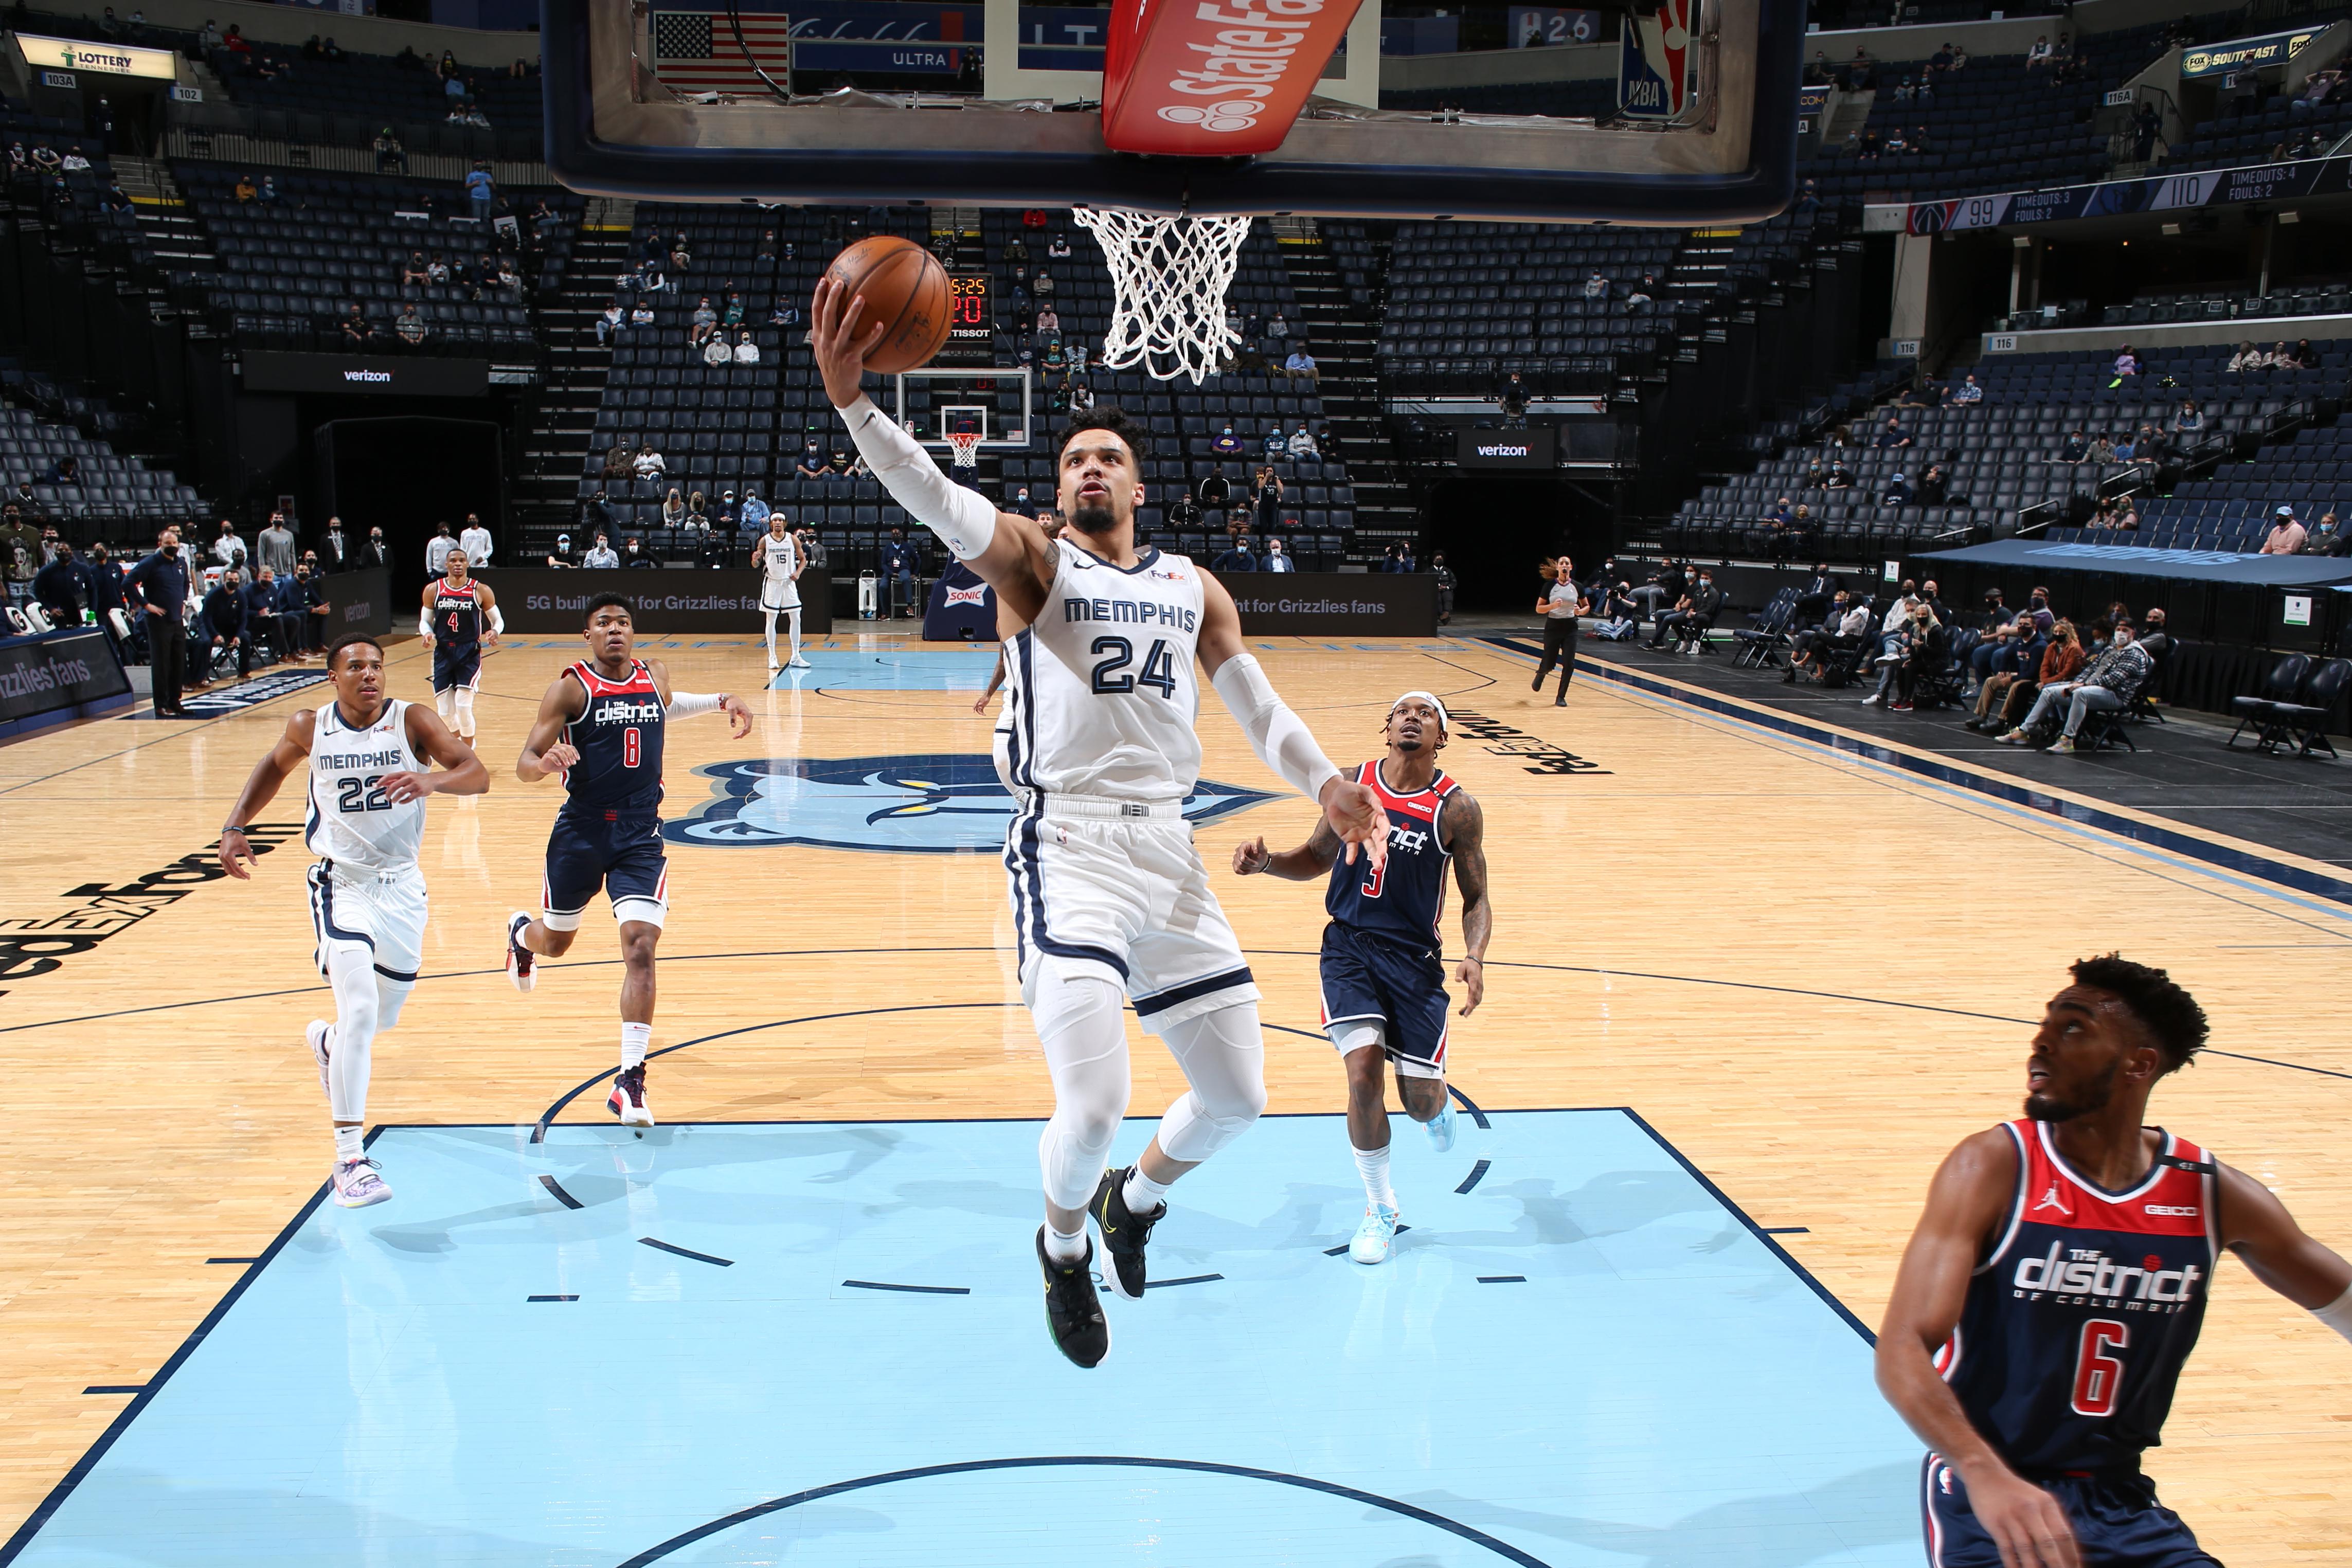 Washington Wizards v Memphis Grizzlies